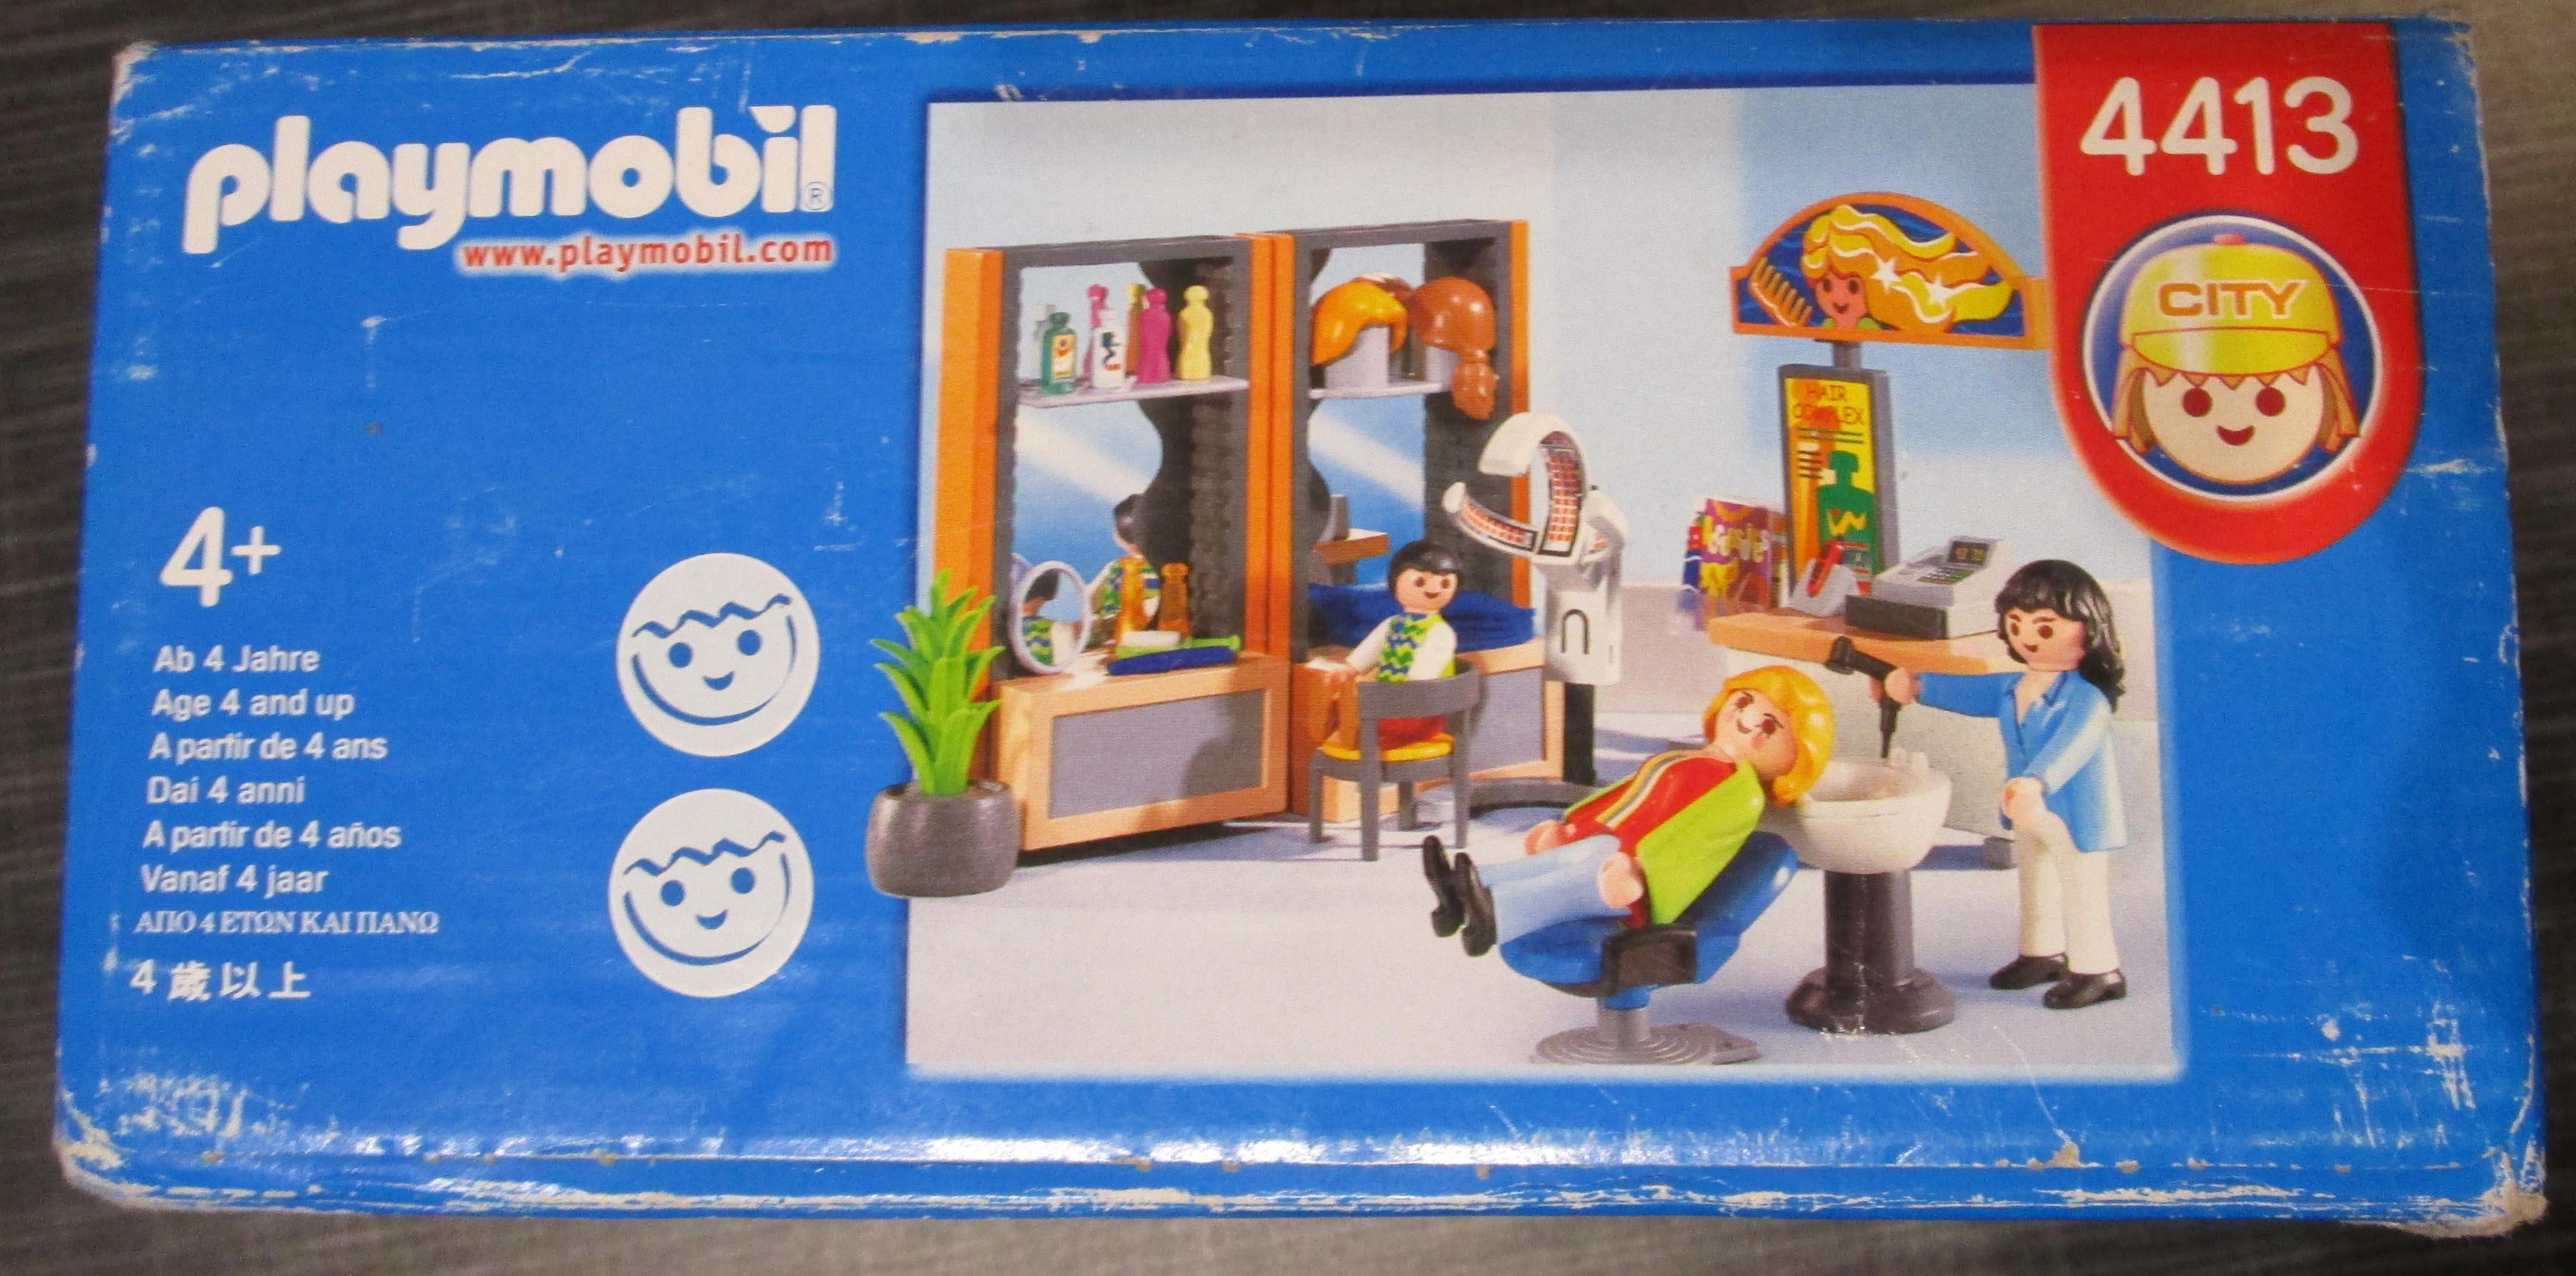 playmobil 4413 Friseur Spielzeug Seite2 Playmobil Spielzeug im Vergleich: Friseursalon 4413 vs. Beauty Salon 5487   Rollenspiel Waschen, schneiden, fönen   bitte